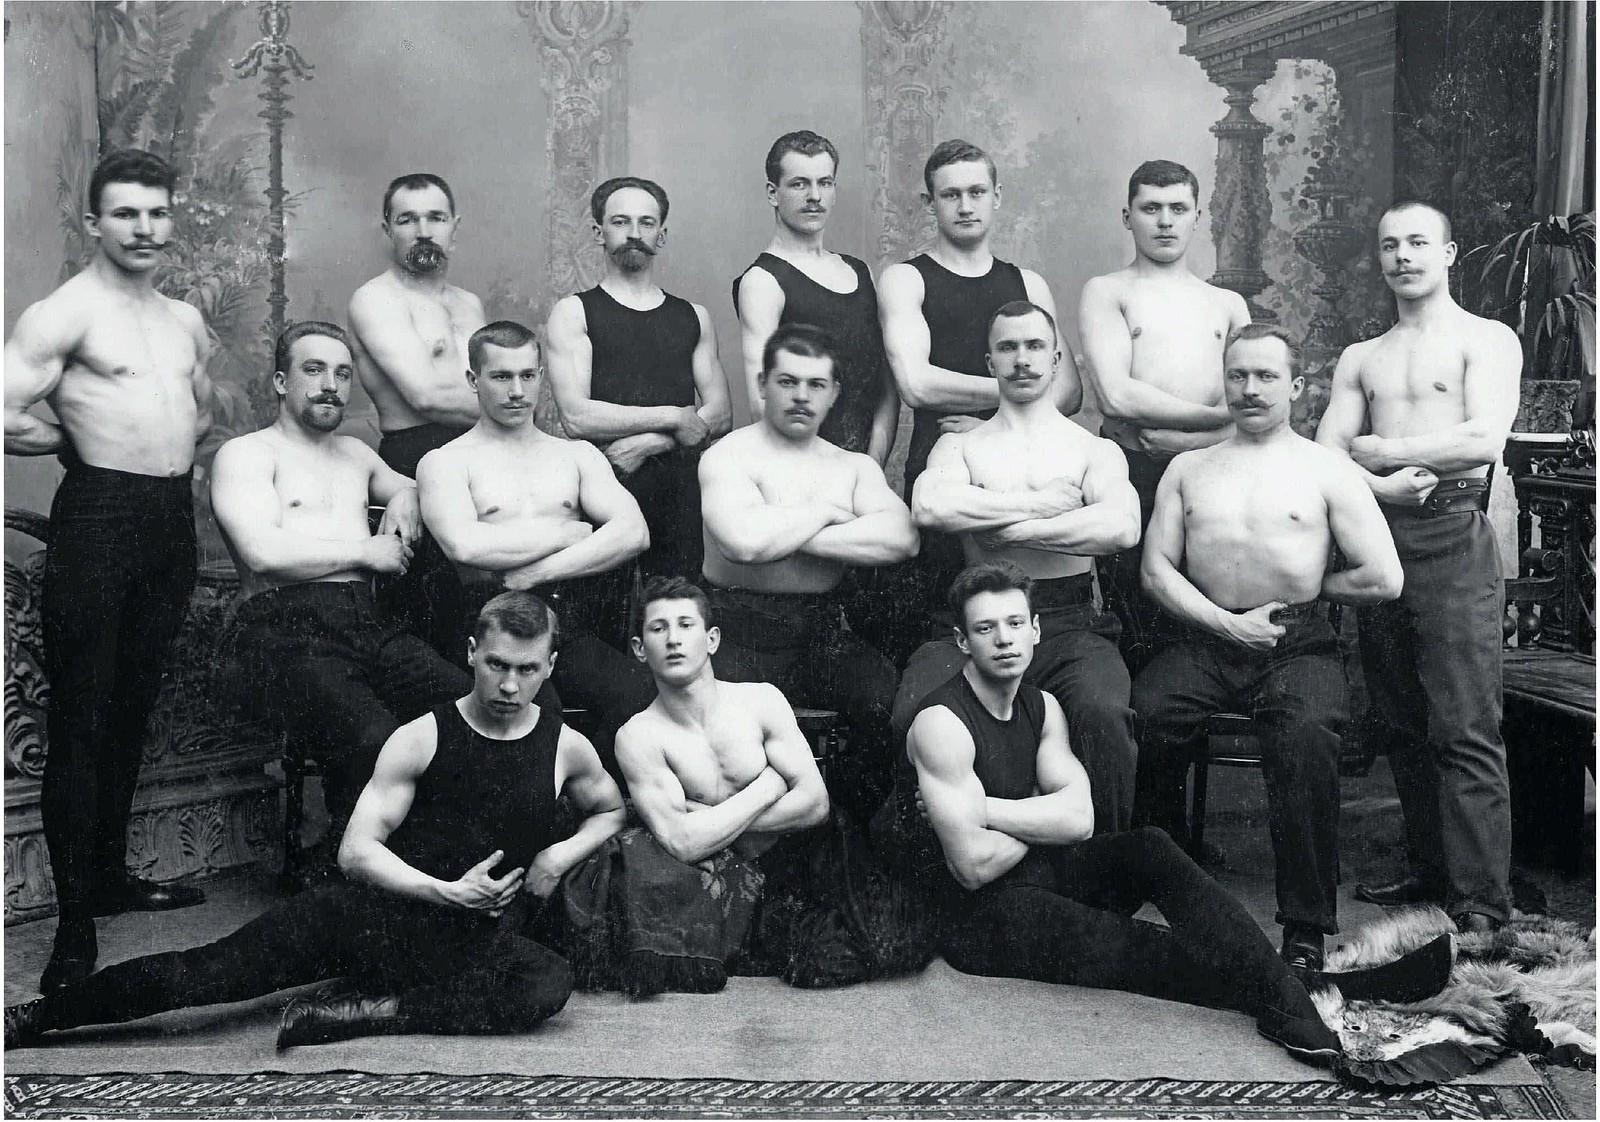 1905. Петербургское атлетическое общество